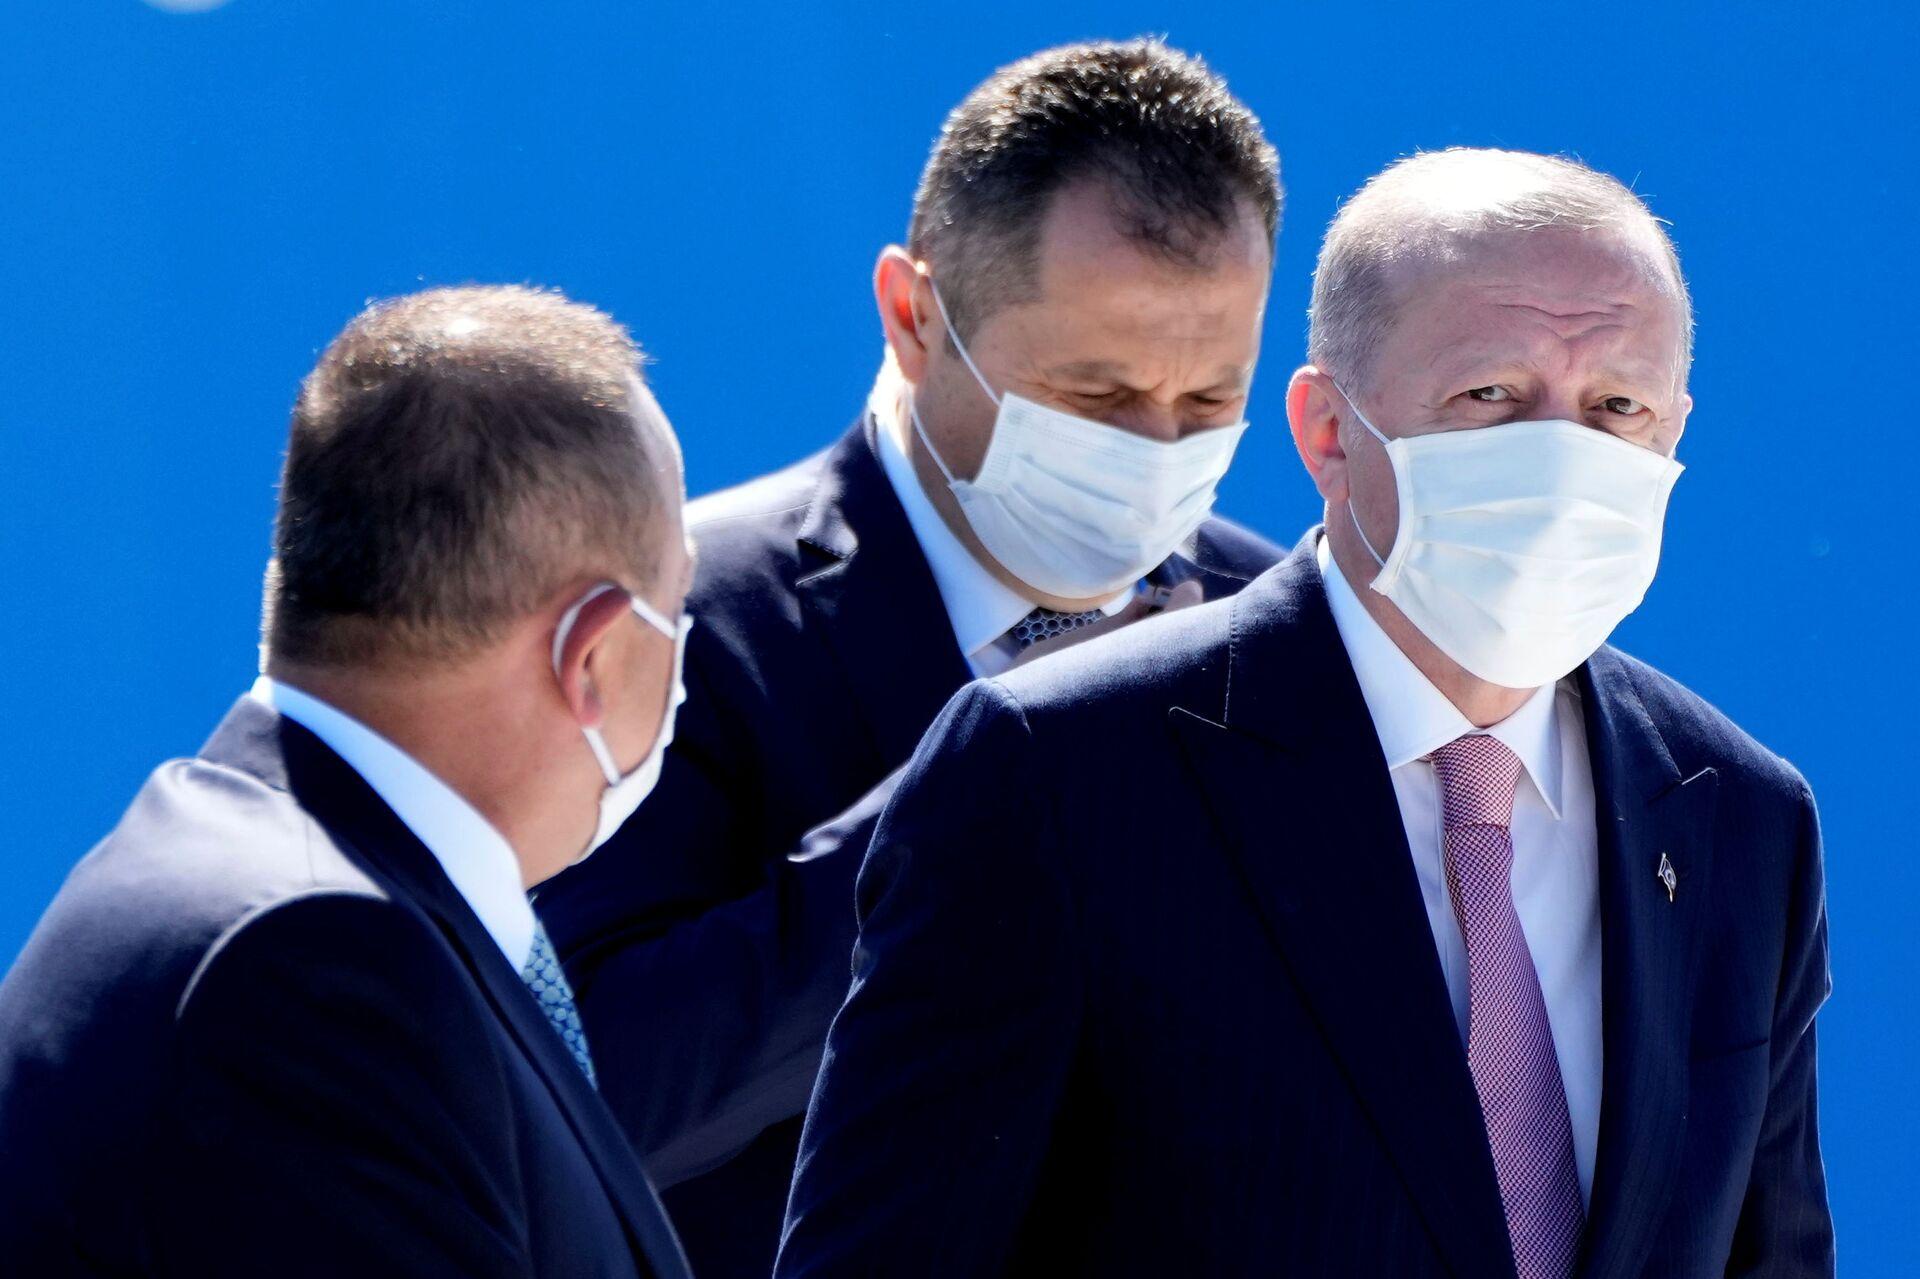 Türkiye Cumhurbaşkanı Recep Tayyip Erdoğan, zirve için saat 11:55 civarında NATO karargahına geldi. - Sputnik Türkiye, 1920, 10.08.2021